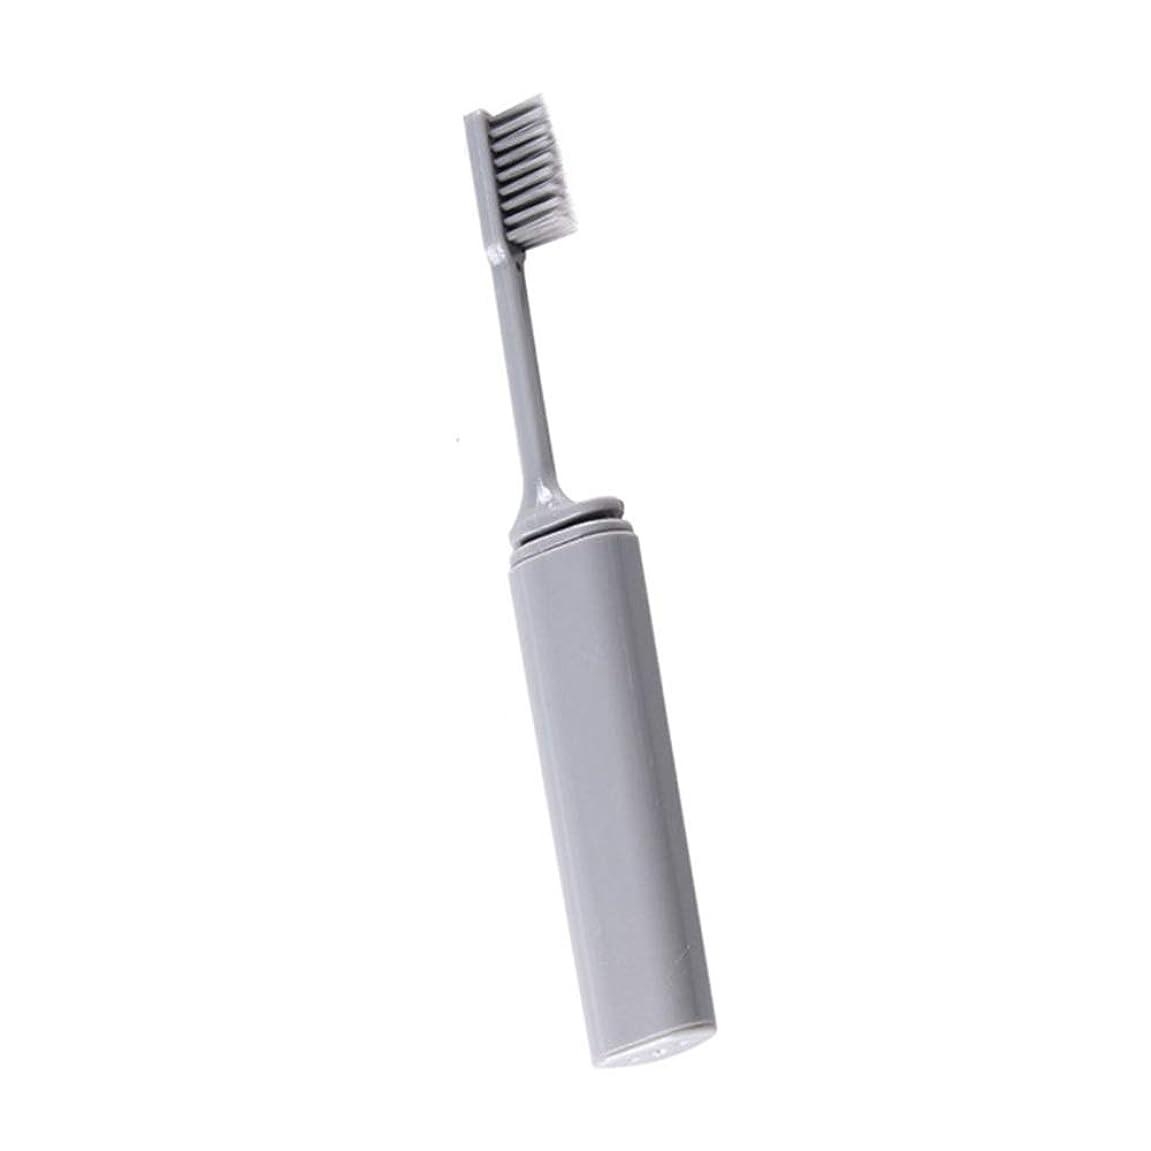 本質的にテザー加入Onior 旅行歯ブラシ 折りたたみ歯ブラシ 携帯歯ブラシ 外出 旅行用品, ソフト コンパクト歯ブラシ 便利 折りたたみ 耐久性 携帯用 灰色